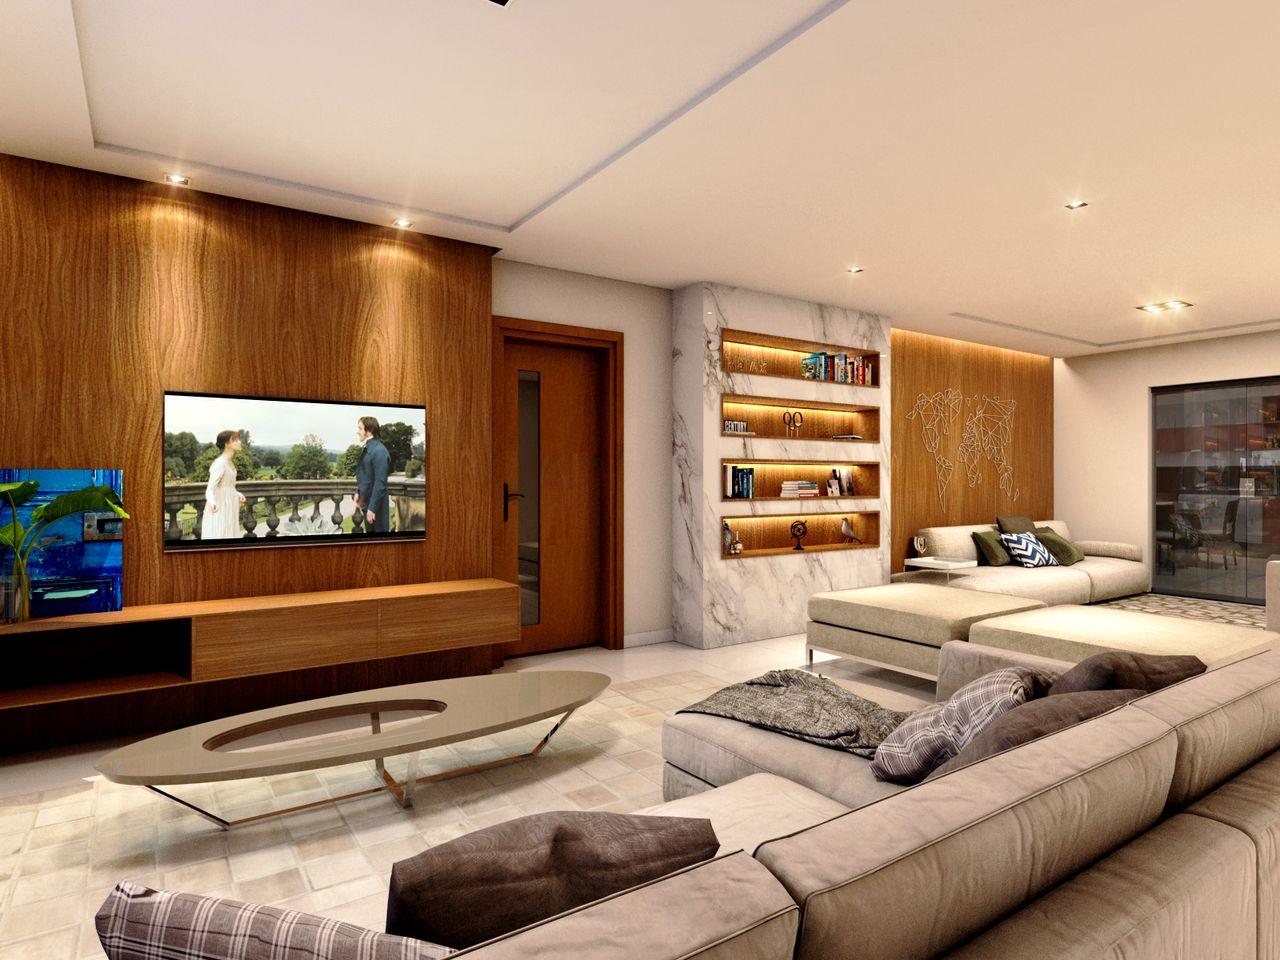 Sala de tv moderna sala de tv moderna de estar sala for Sala tv moderna